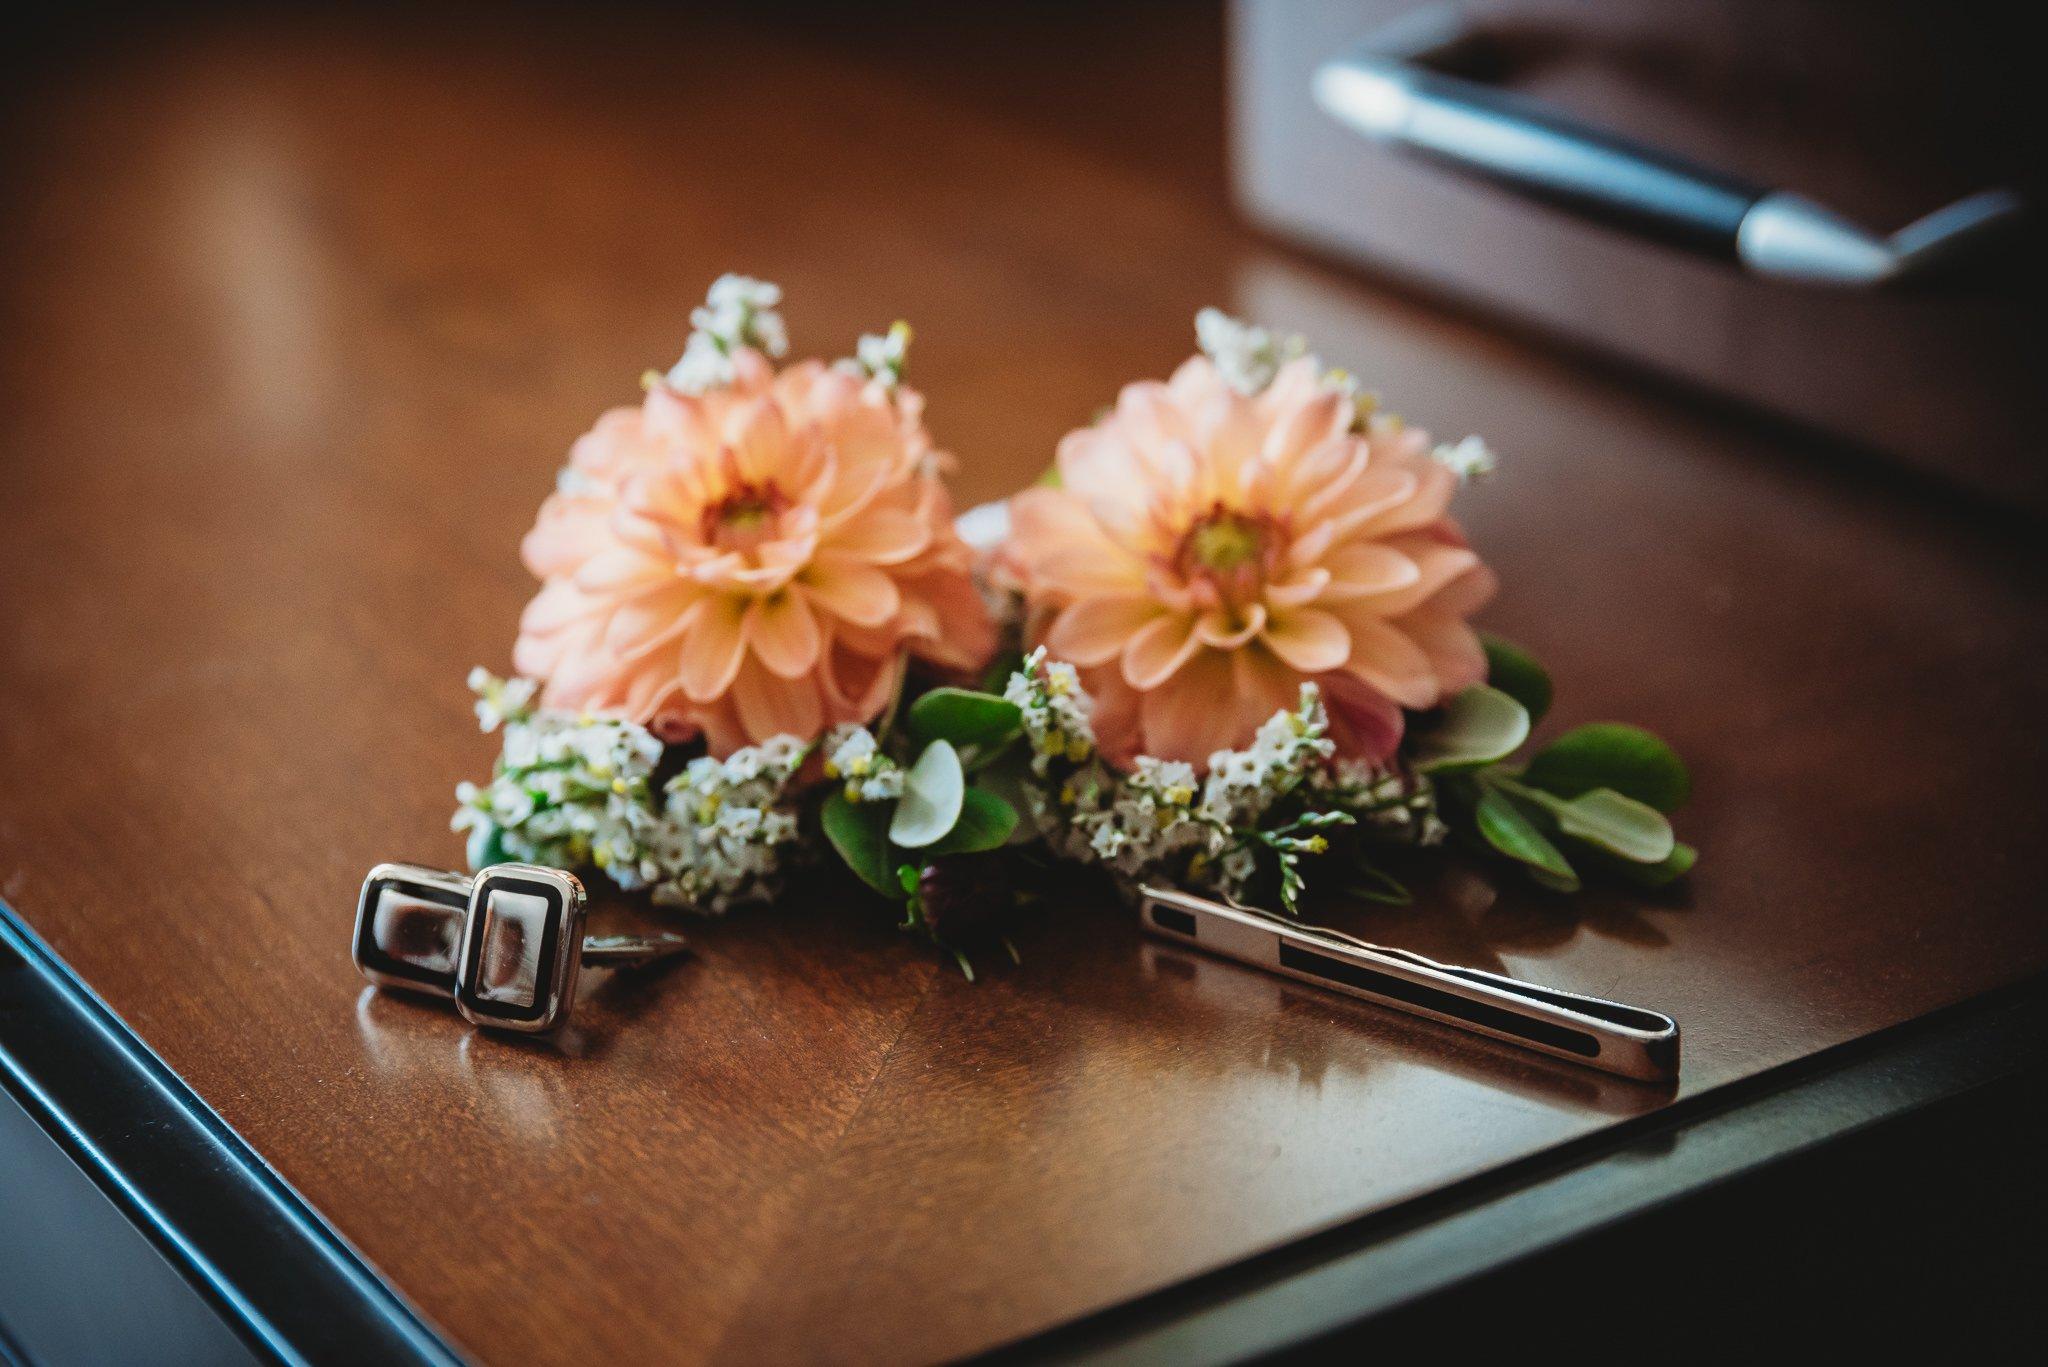 przygotowania, detale, kwiaty, spinki,